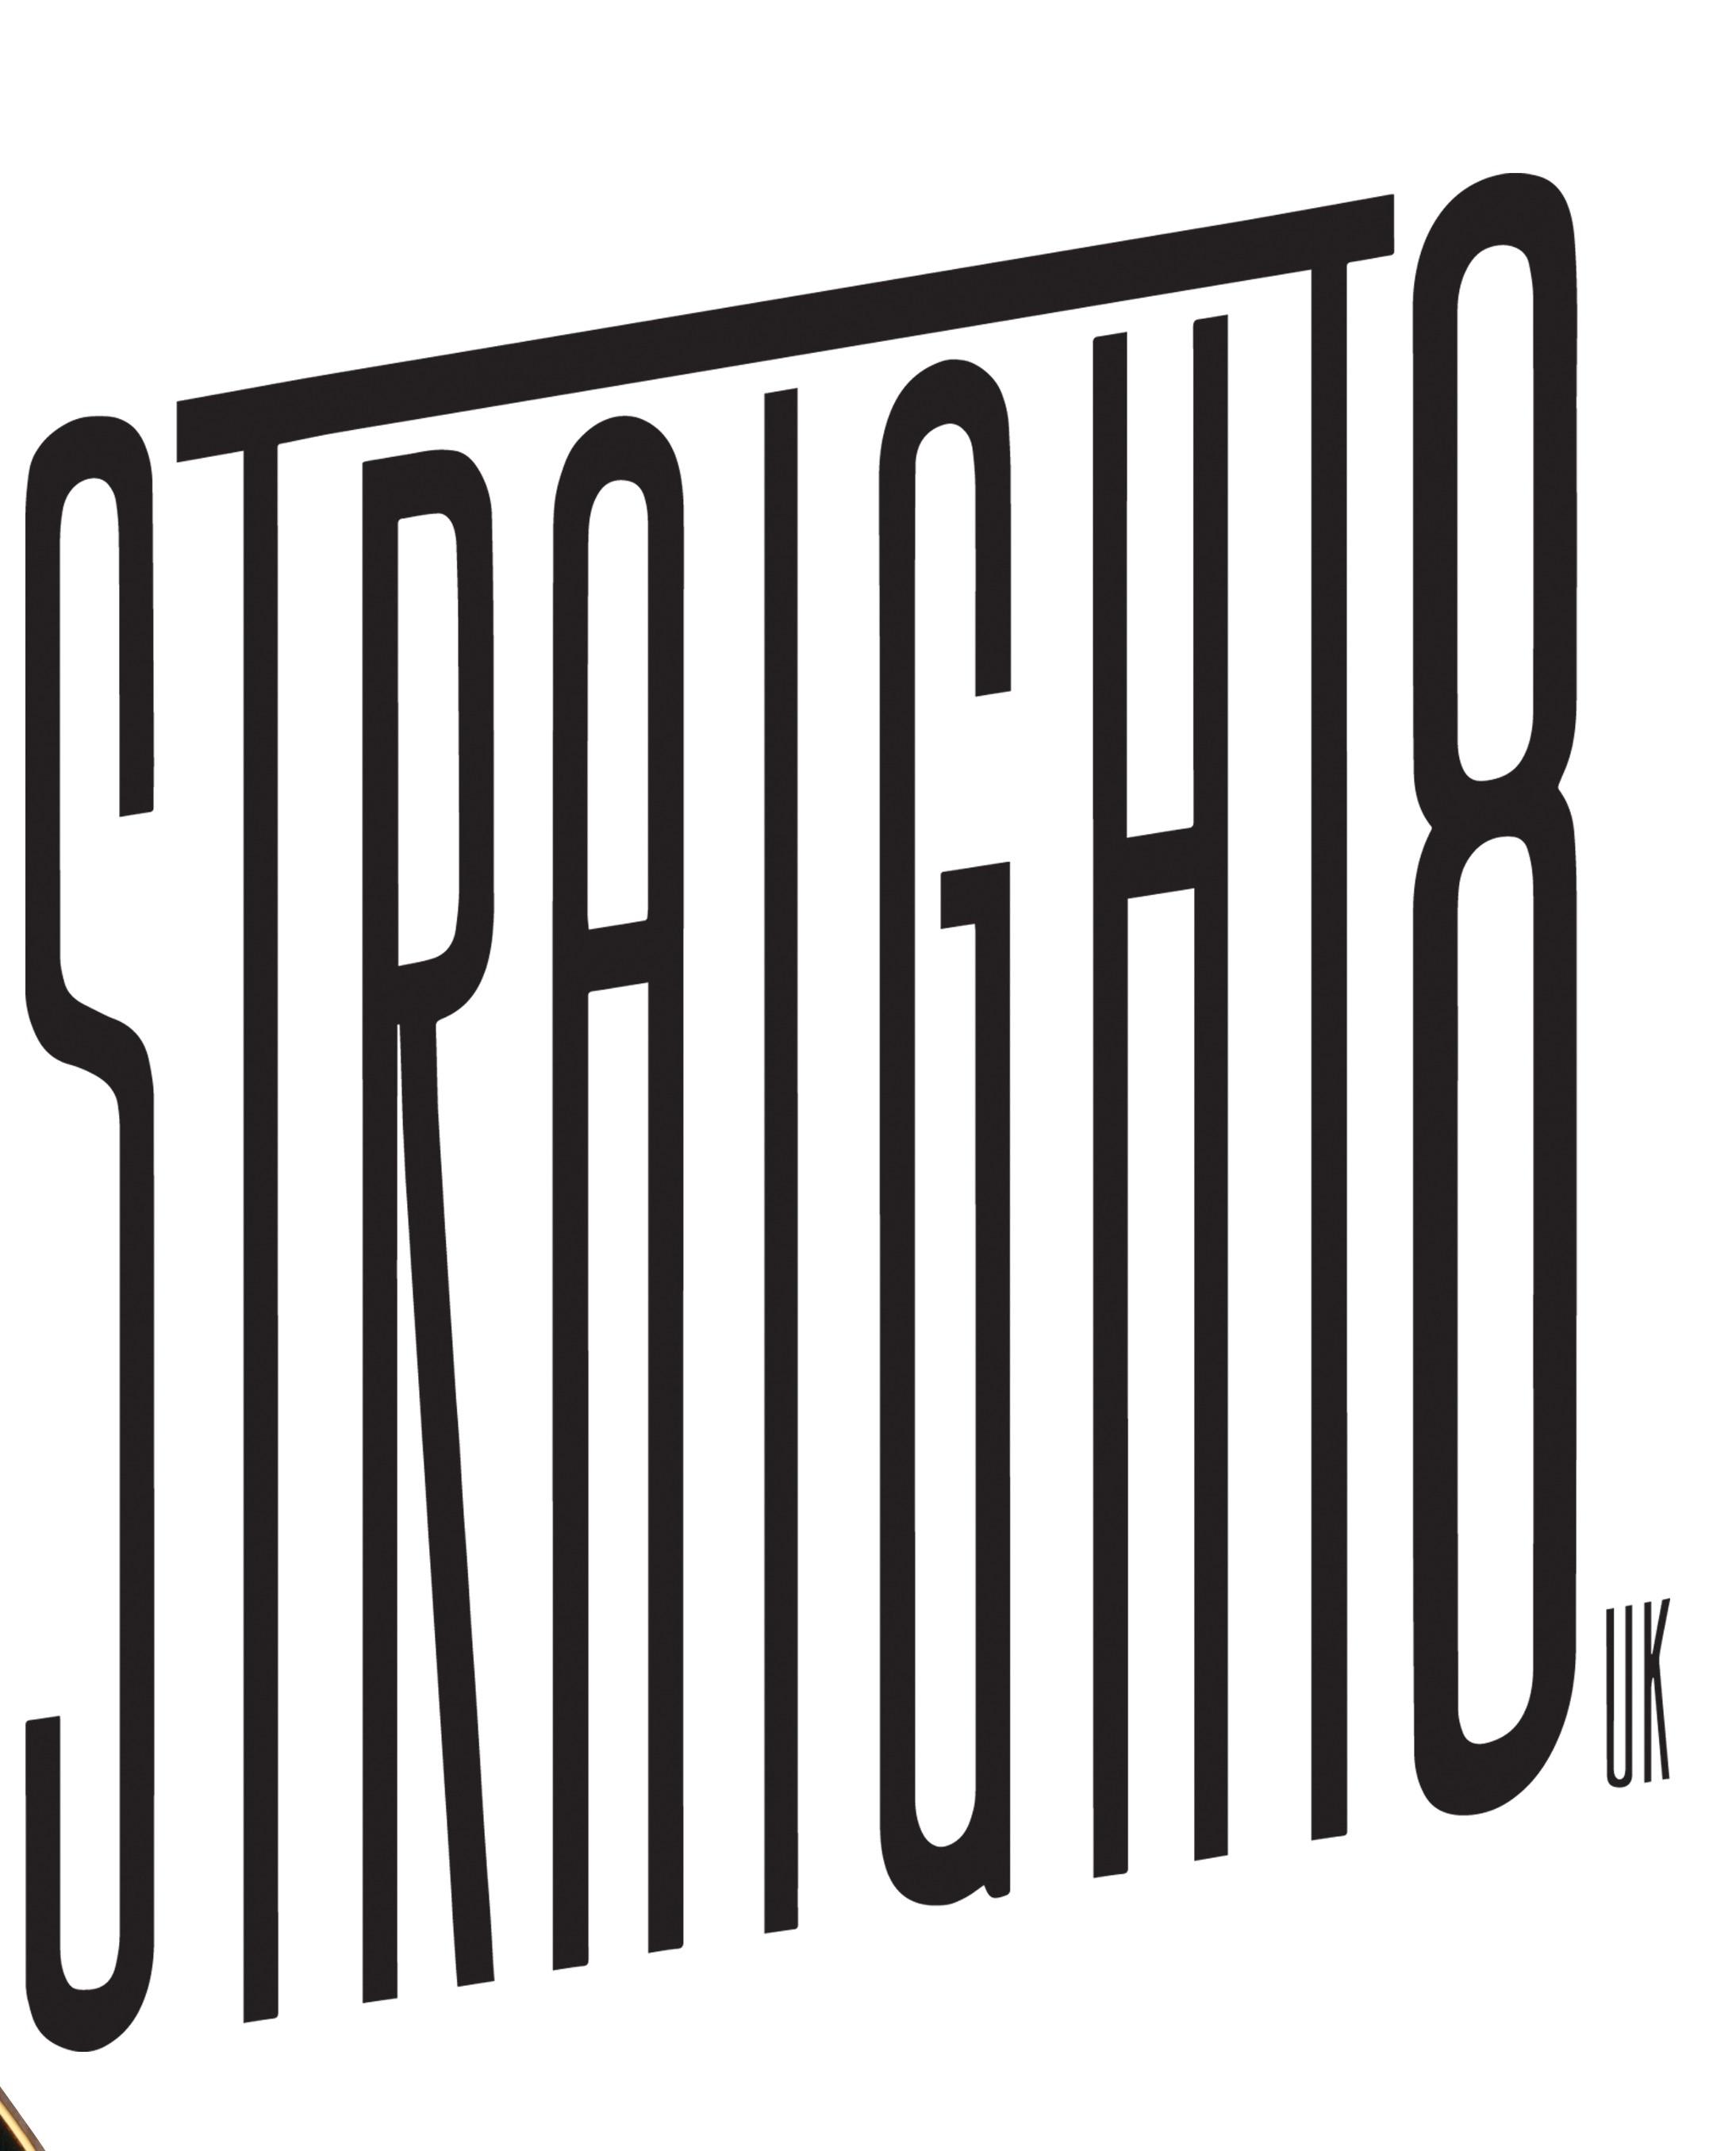 Straight8UK